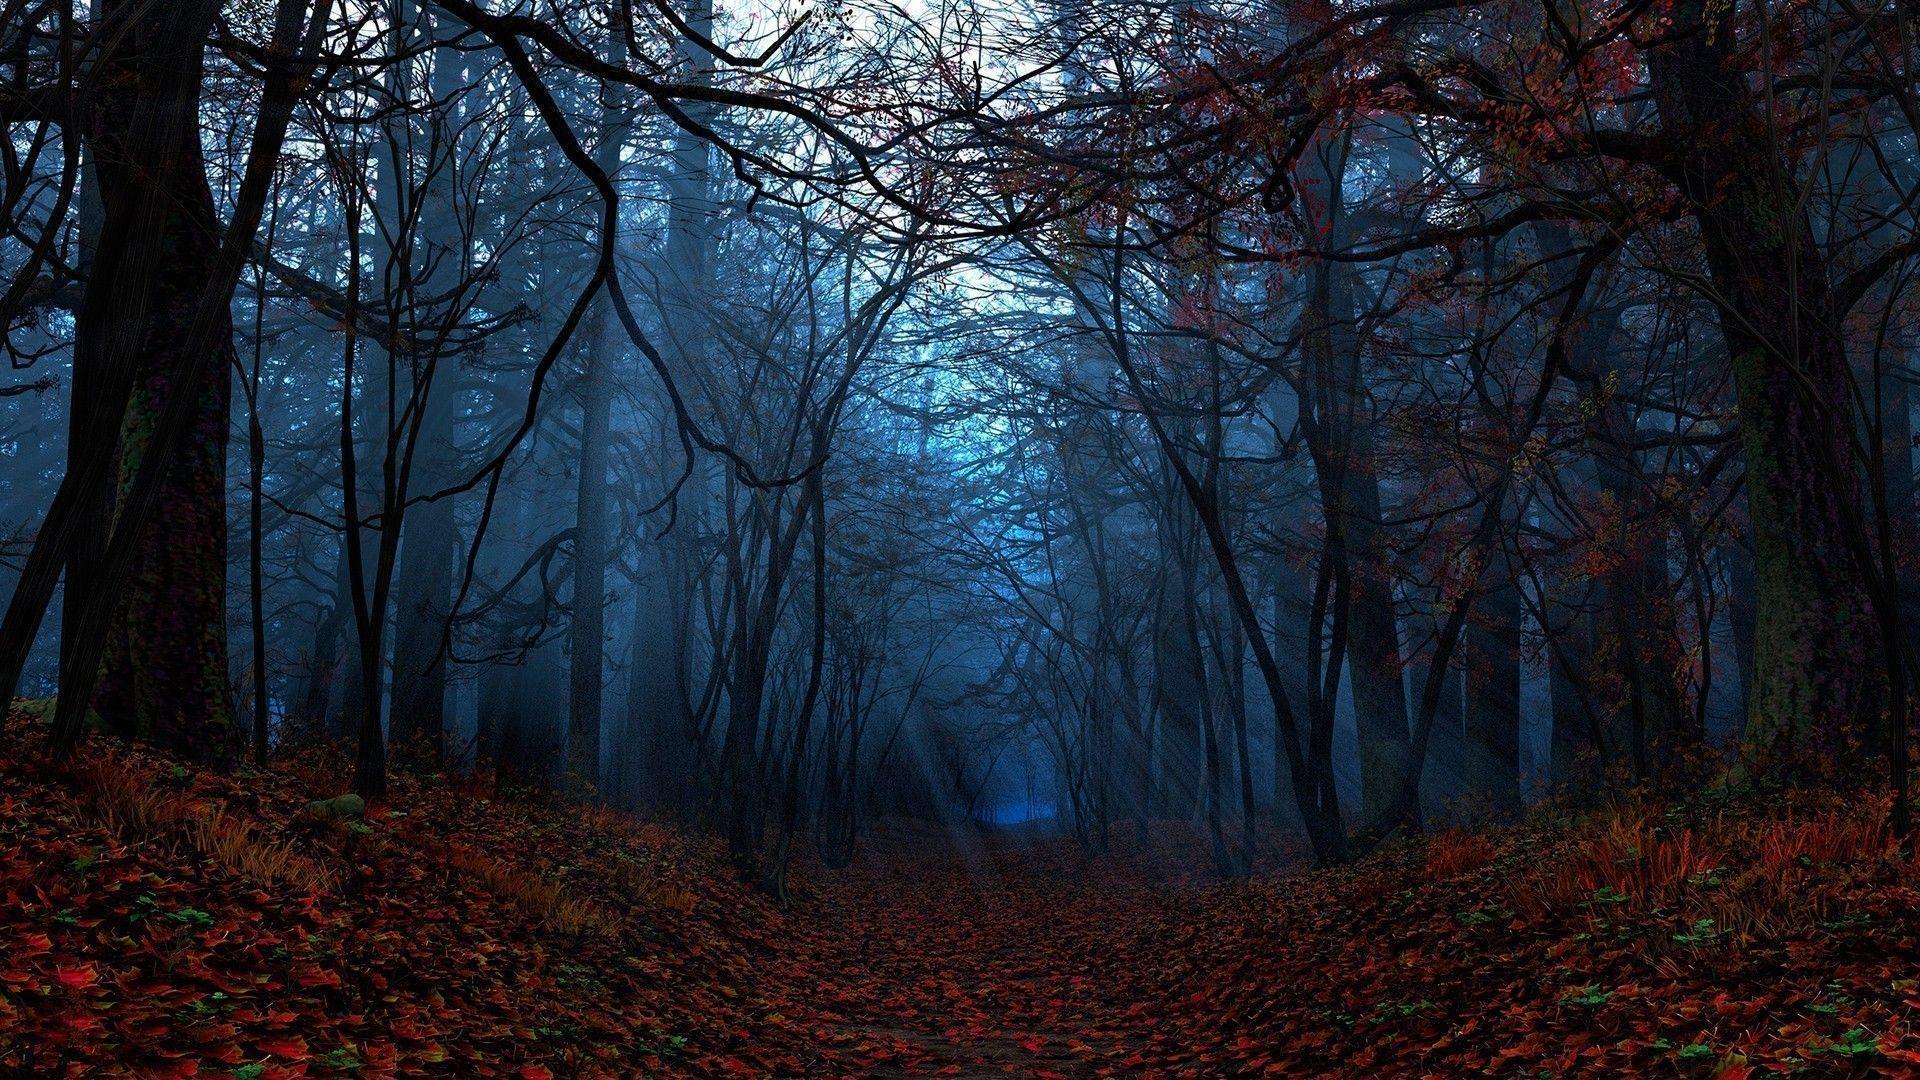 dark forest widescreen wallpaper - photo #37